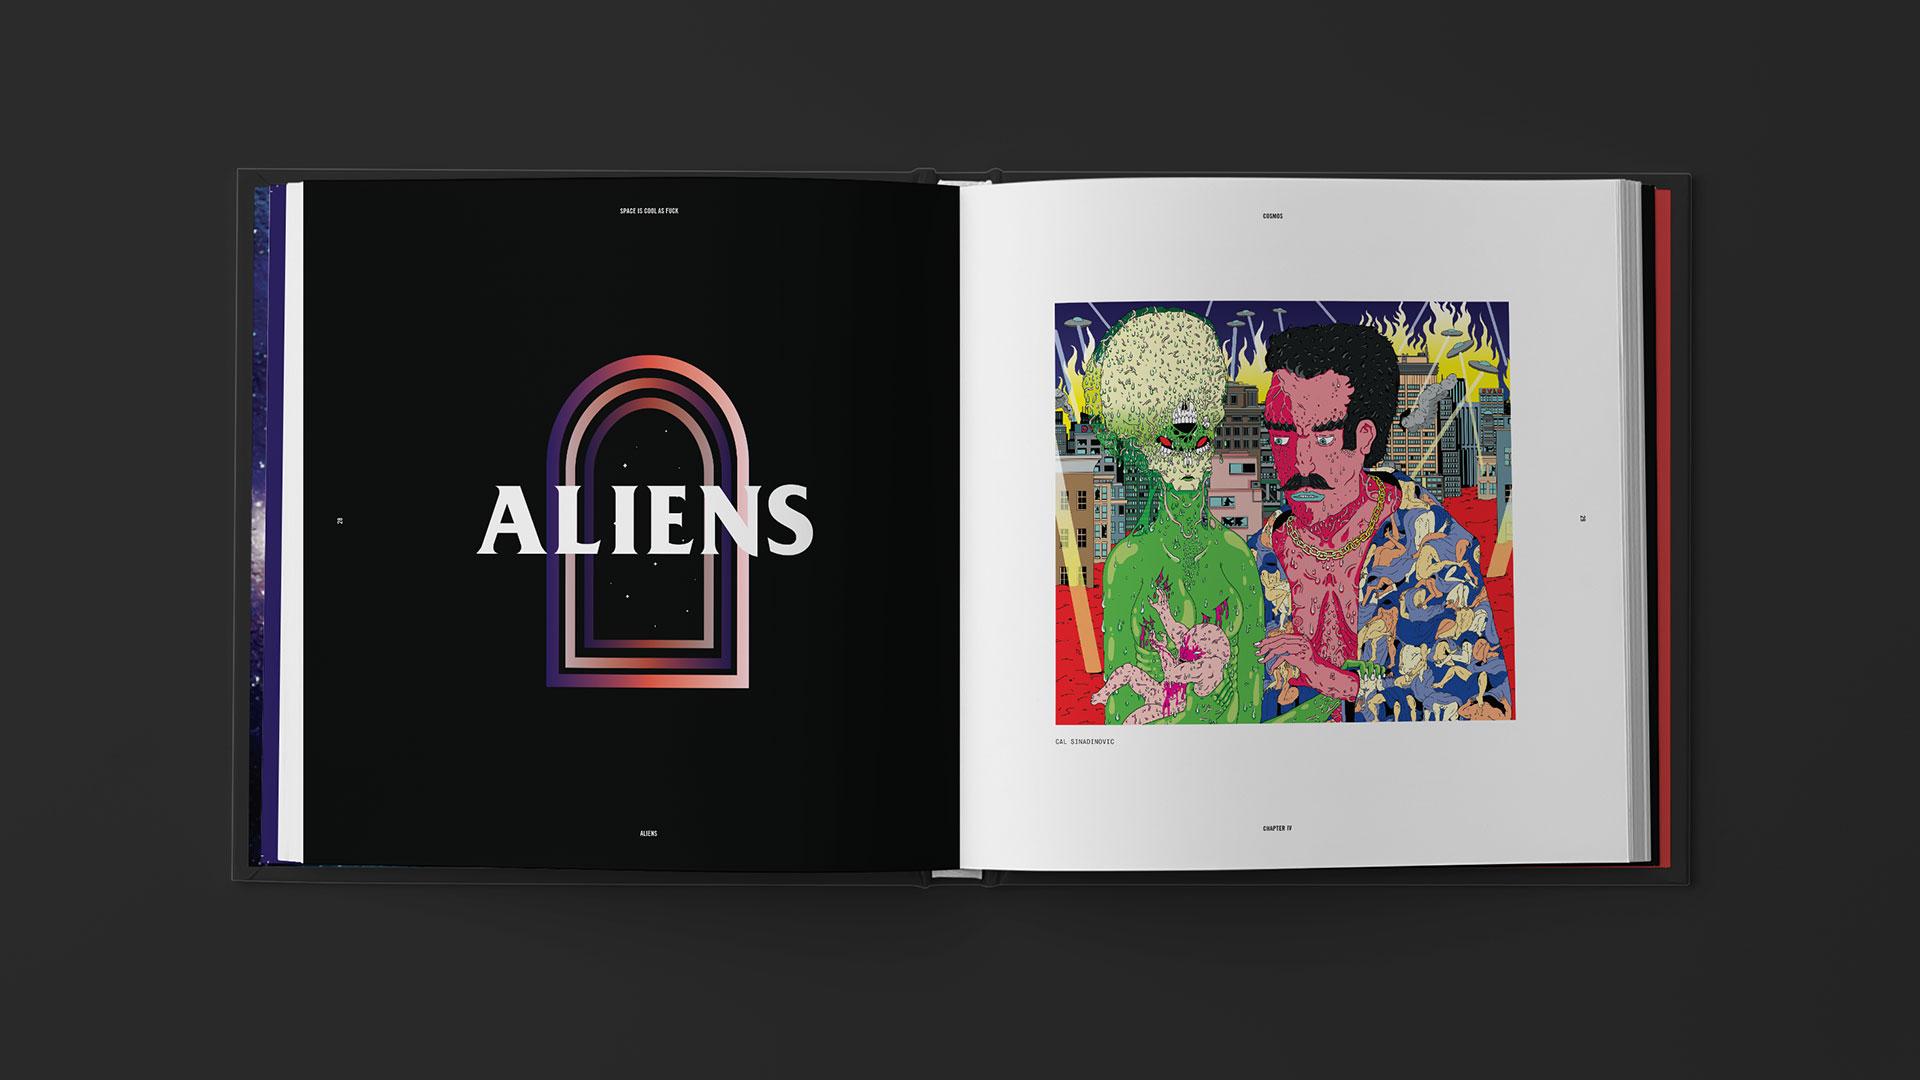 SICAF_Aliens